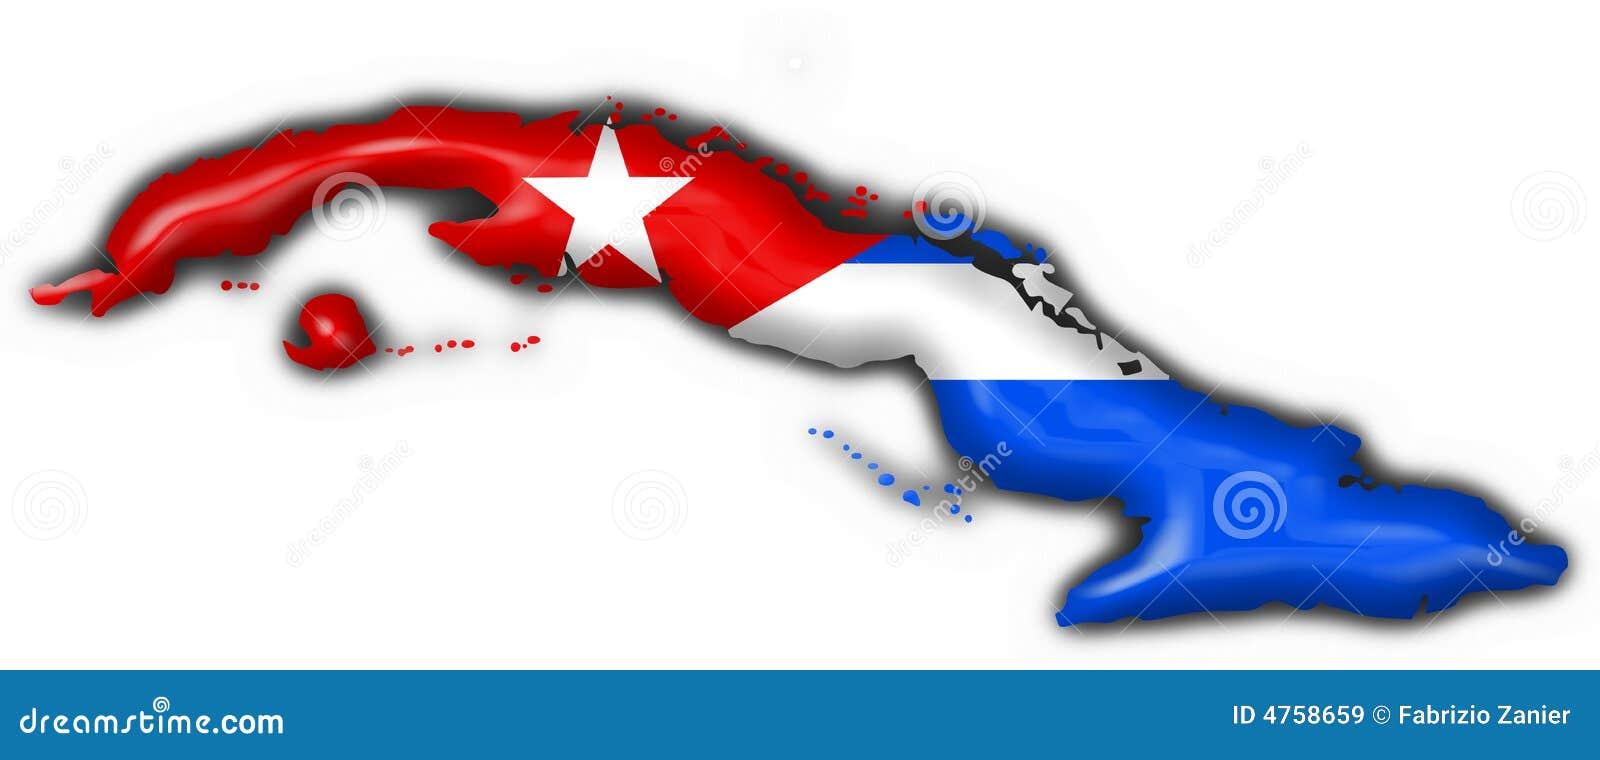 forma-do-mapa-da-bandeira-da-tecla-de-cuba-4758659